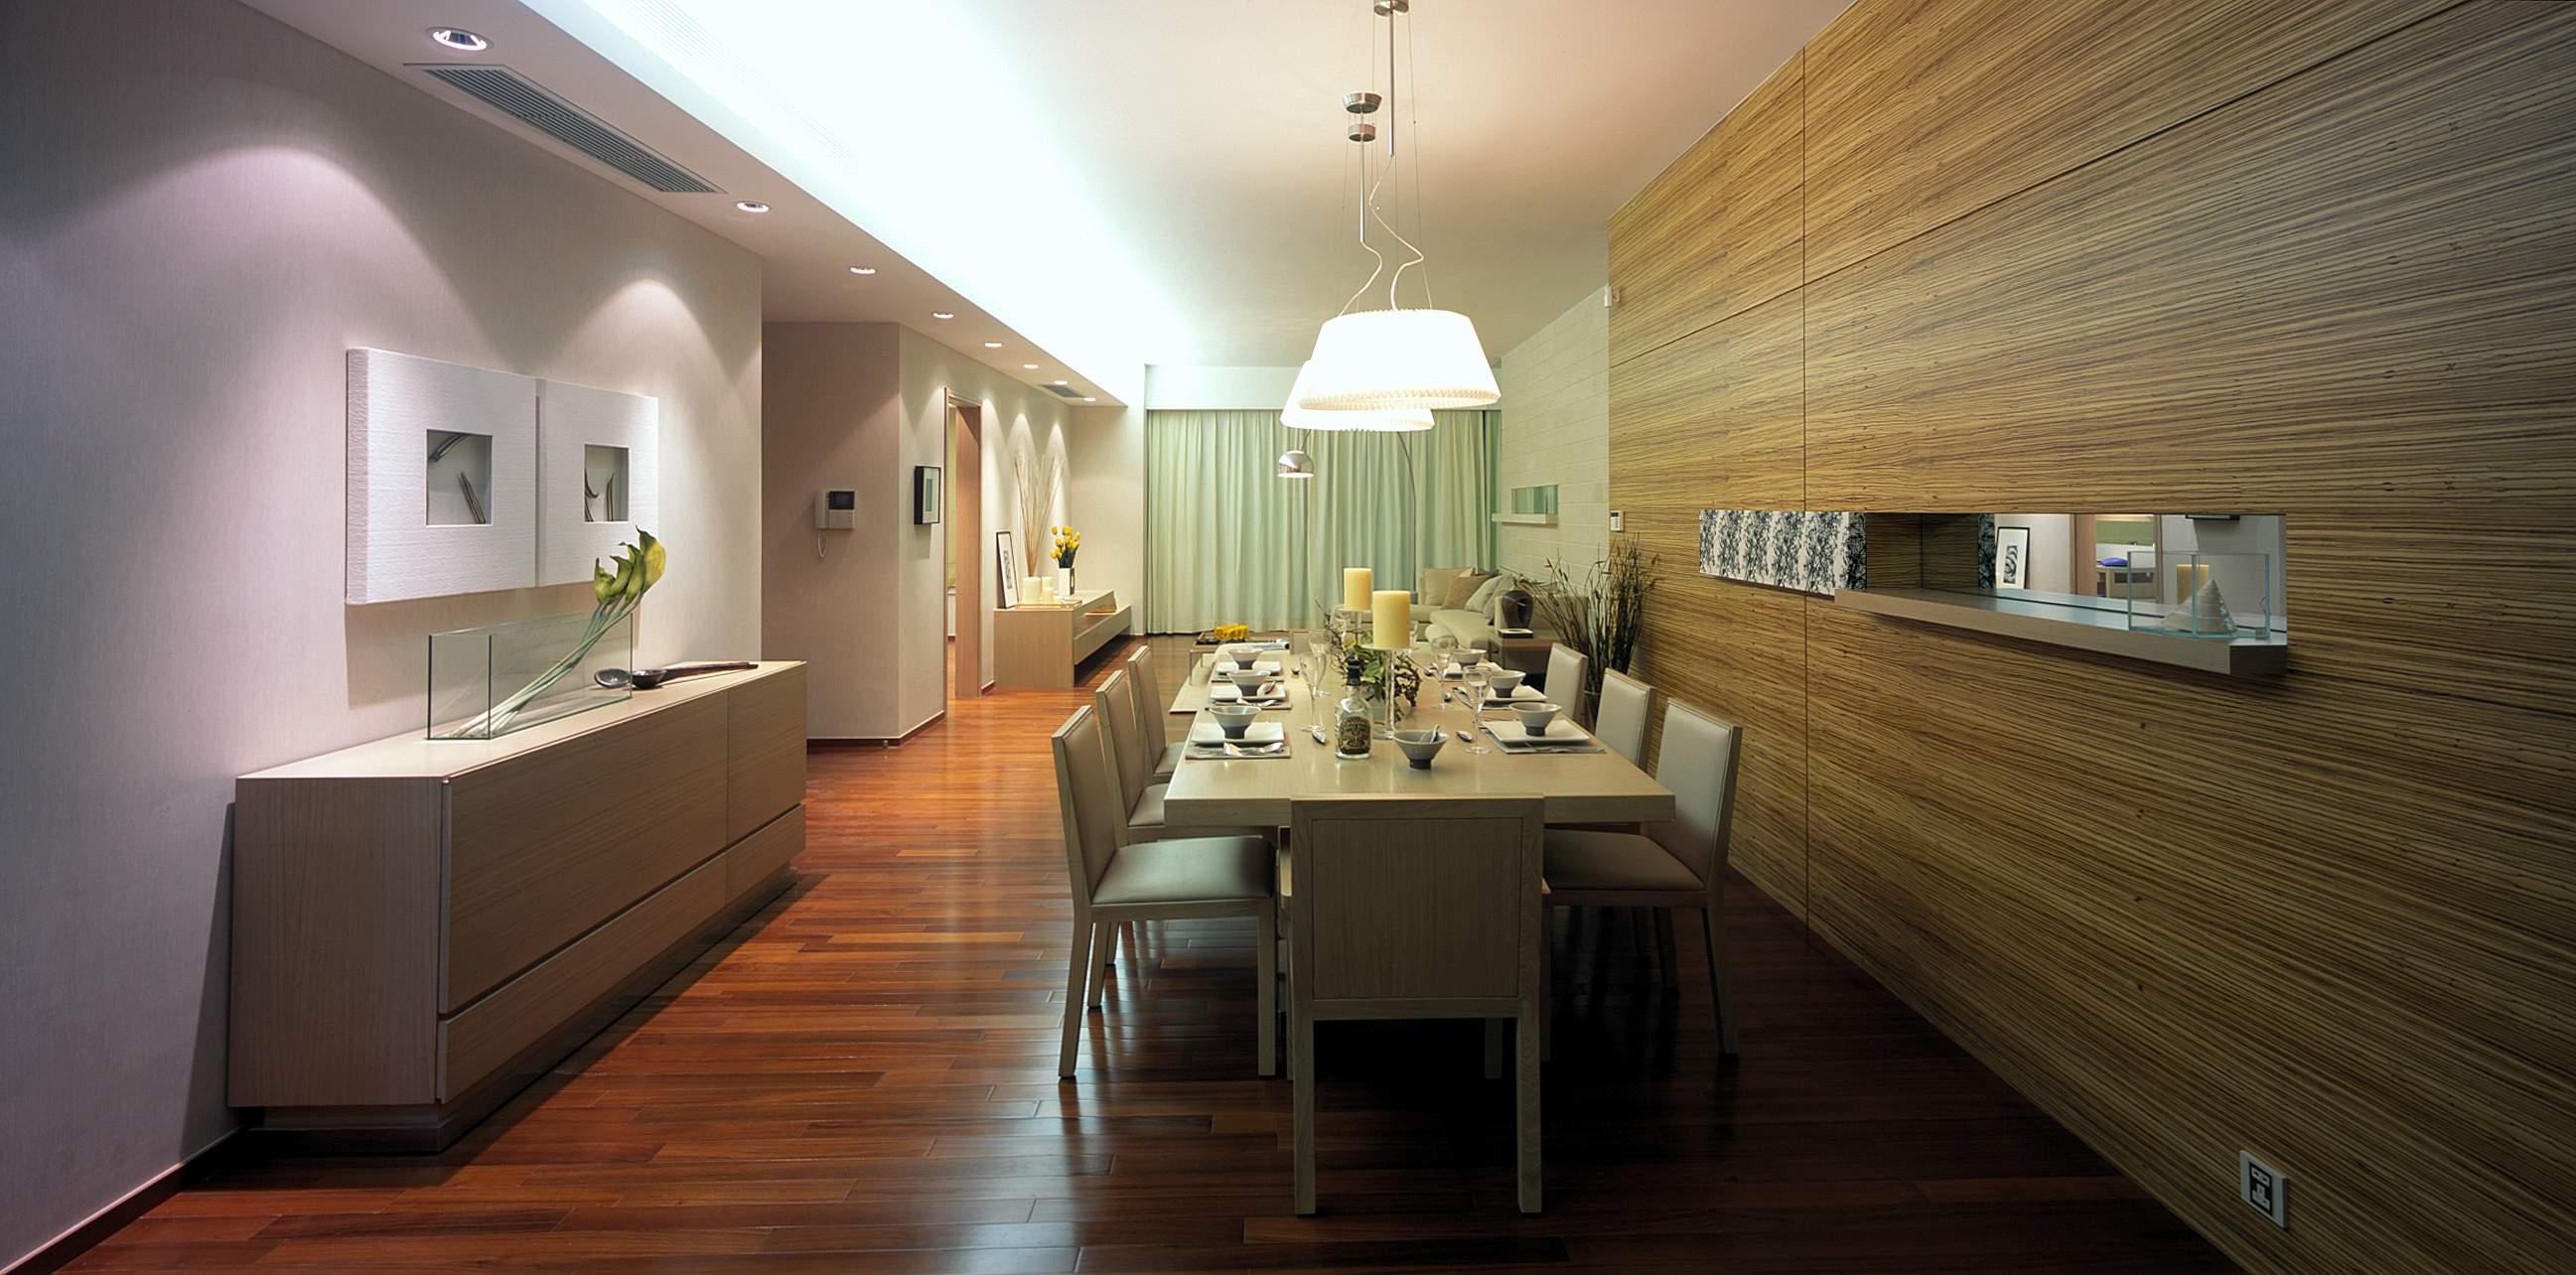 现代风格家居装修效果图